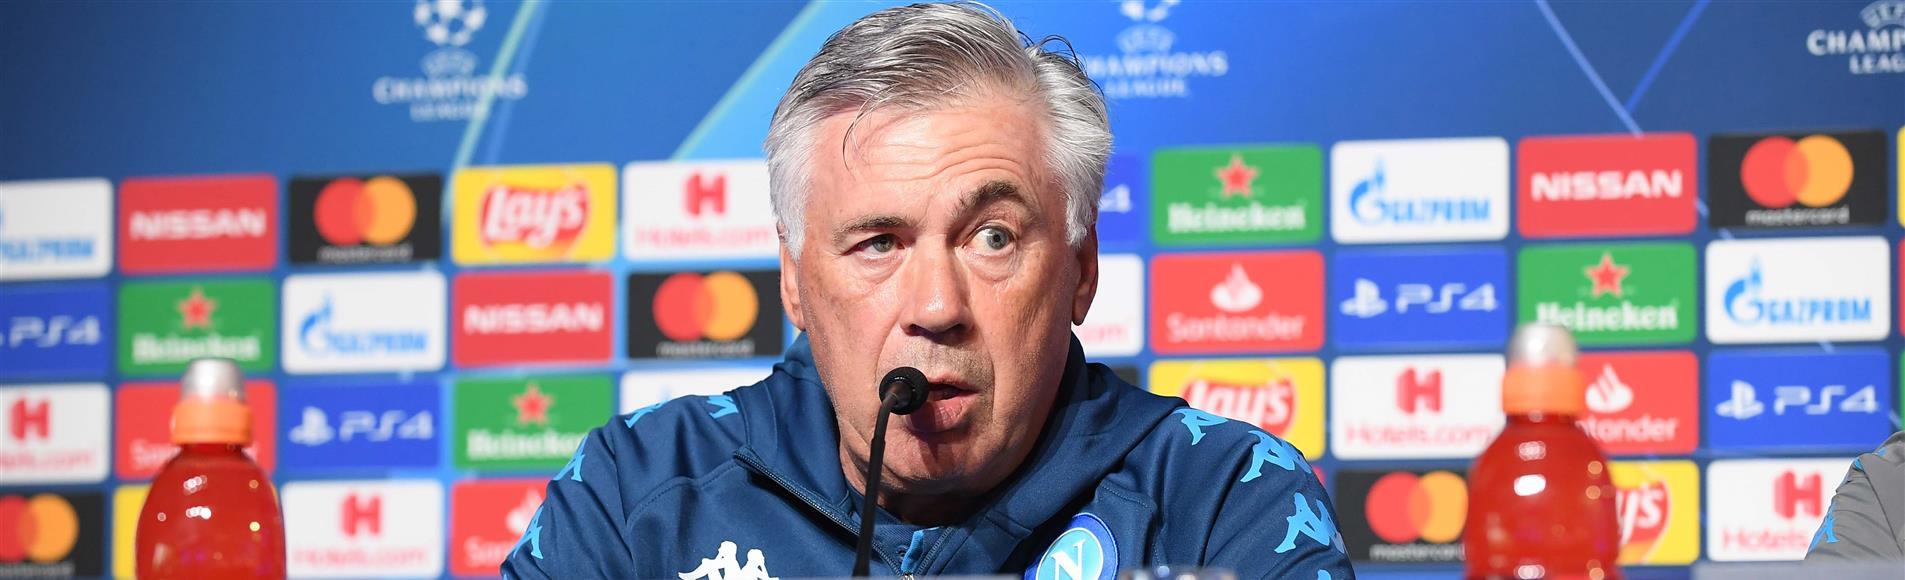 """Genk-Napoli, Ancelotti avverte: """"Ci sarà da soffrire"""" - NAPOLI CALCIO"""